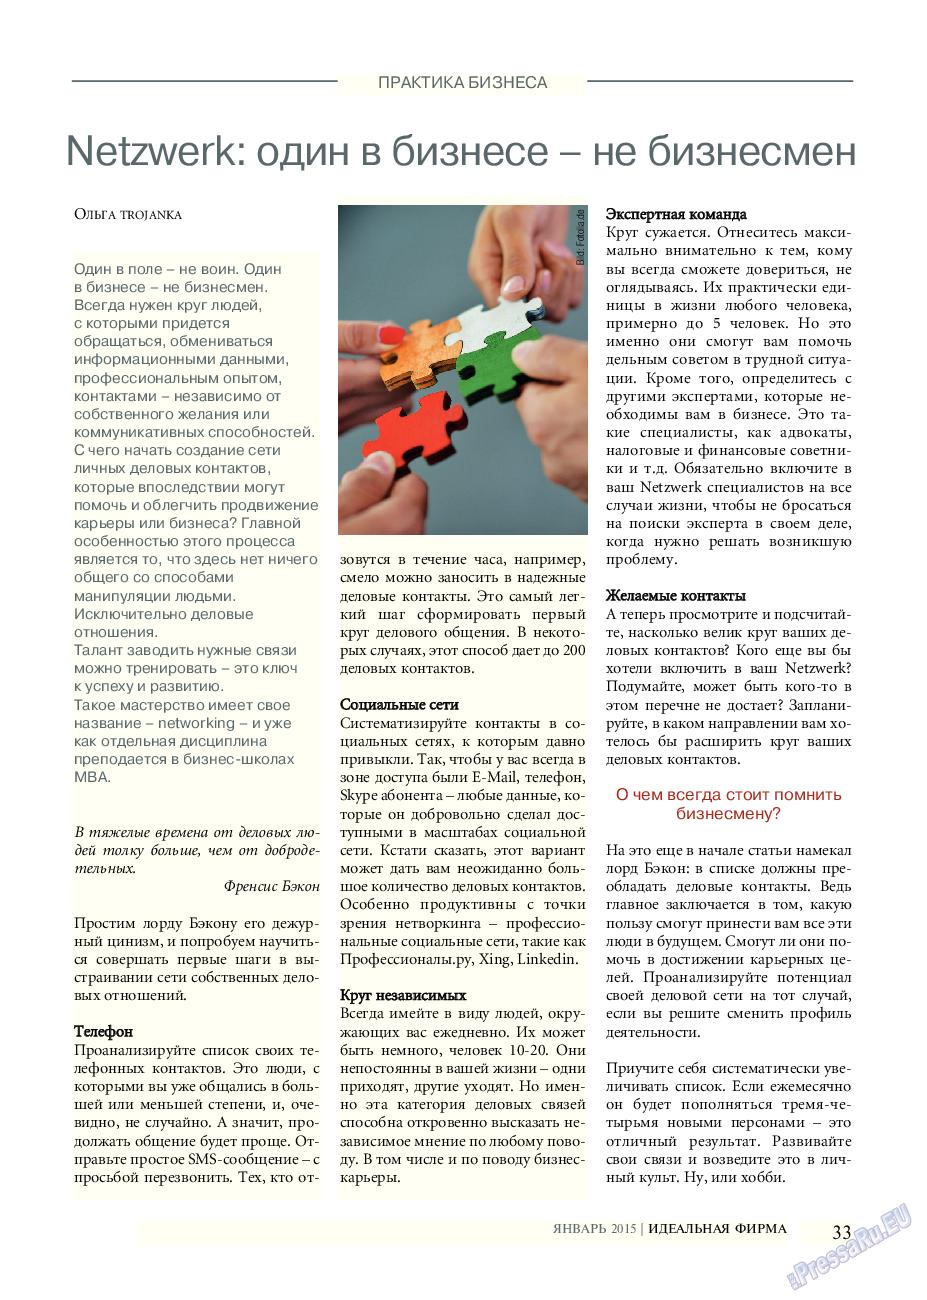 Идеальная фирма (журнал). 2015 год, номер 1, стр. 33